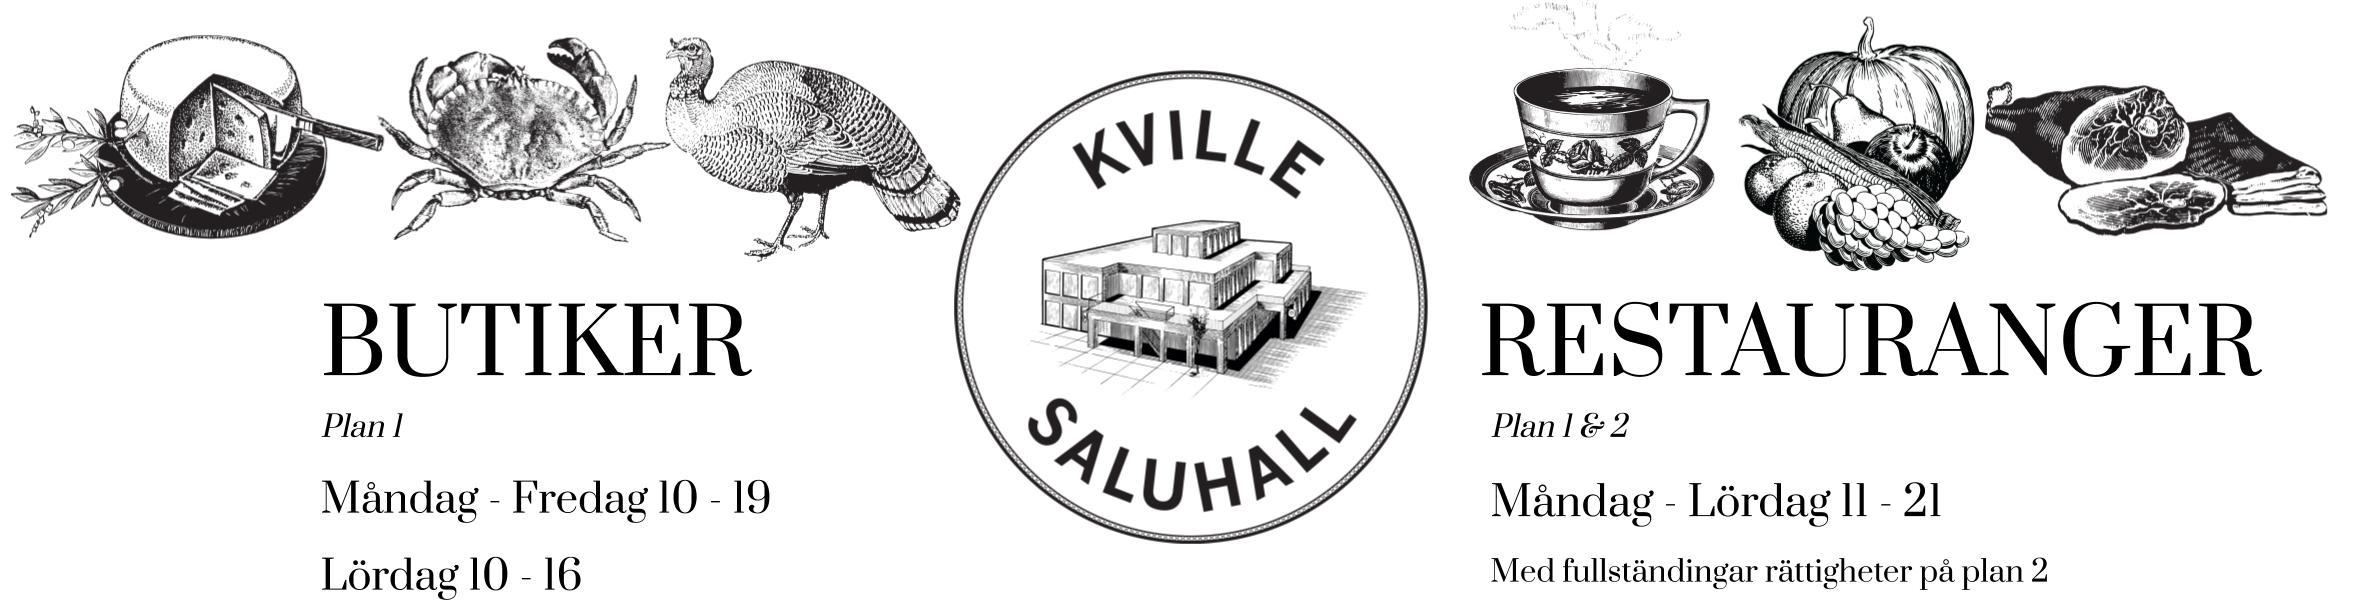 Kville Saluhall